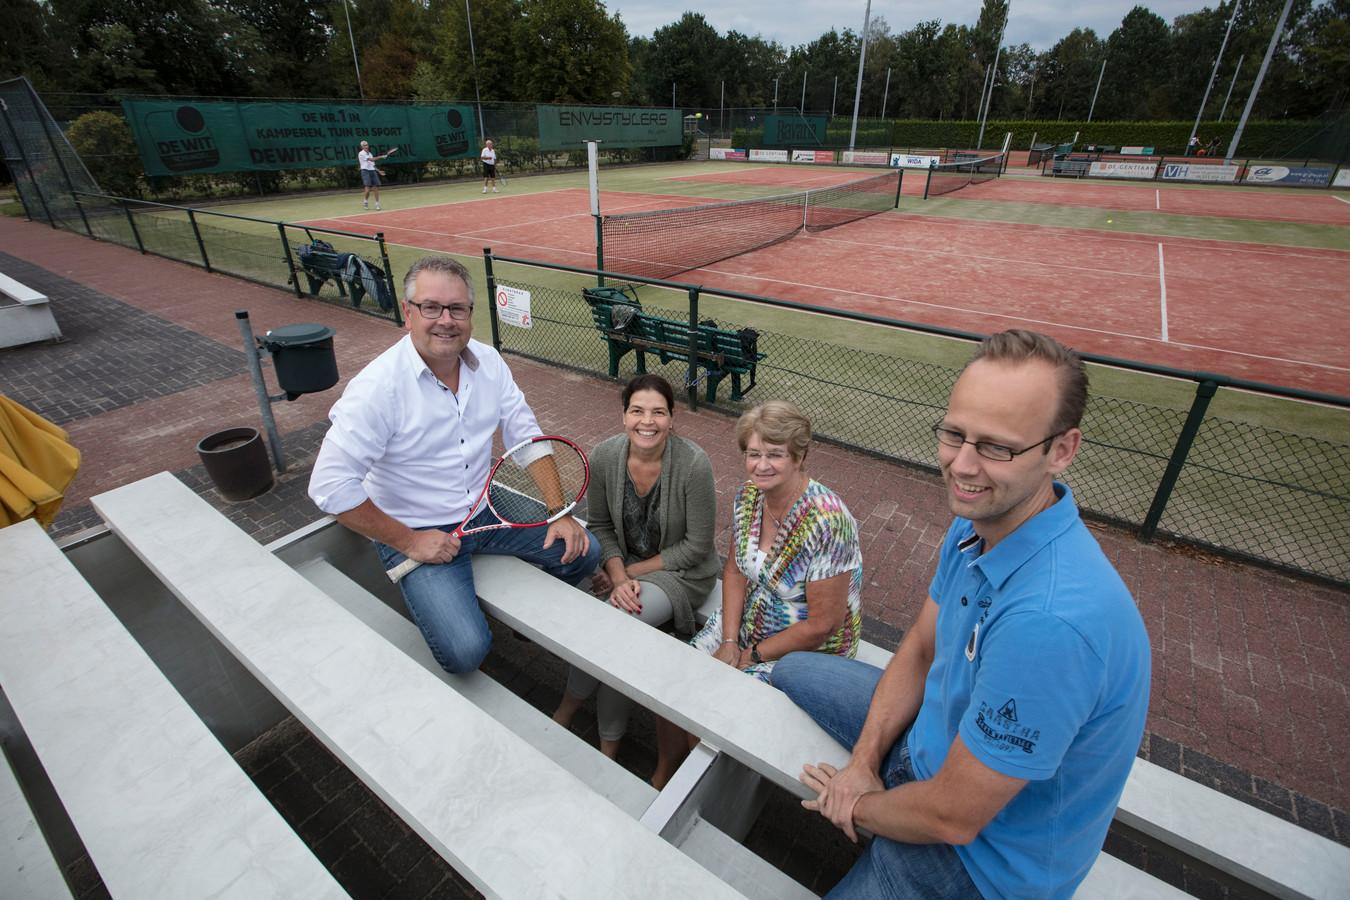 Geert van der Heijden, Pam Verpalen, Wil van der Horst en Anton van den Bosch (vlnr).